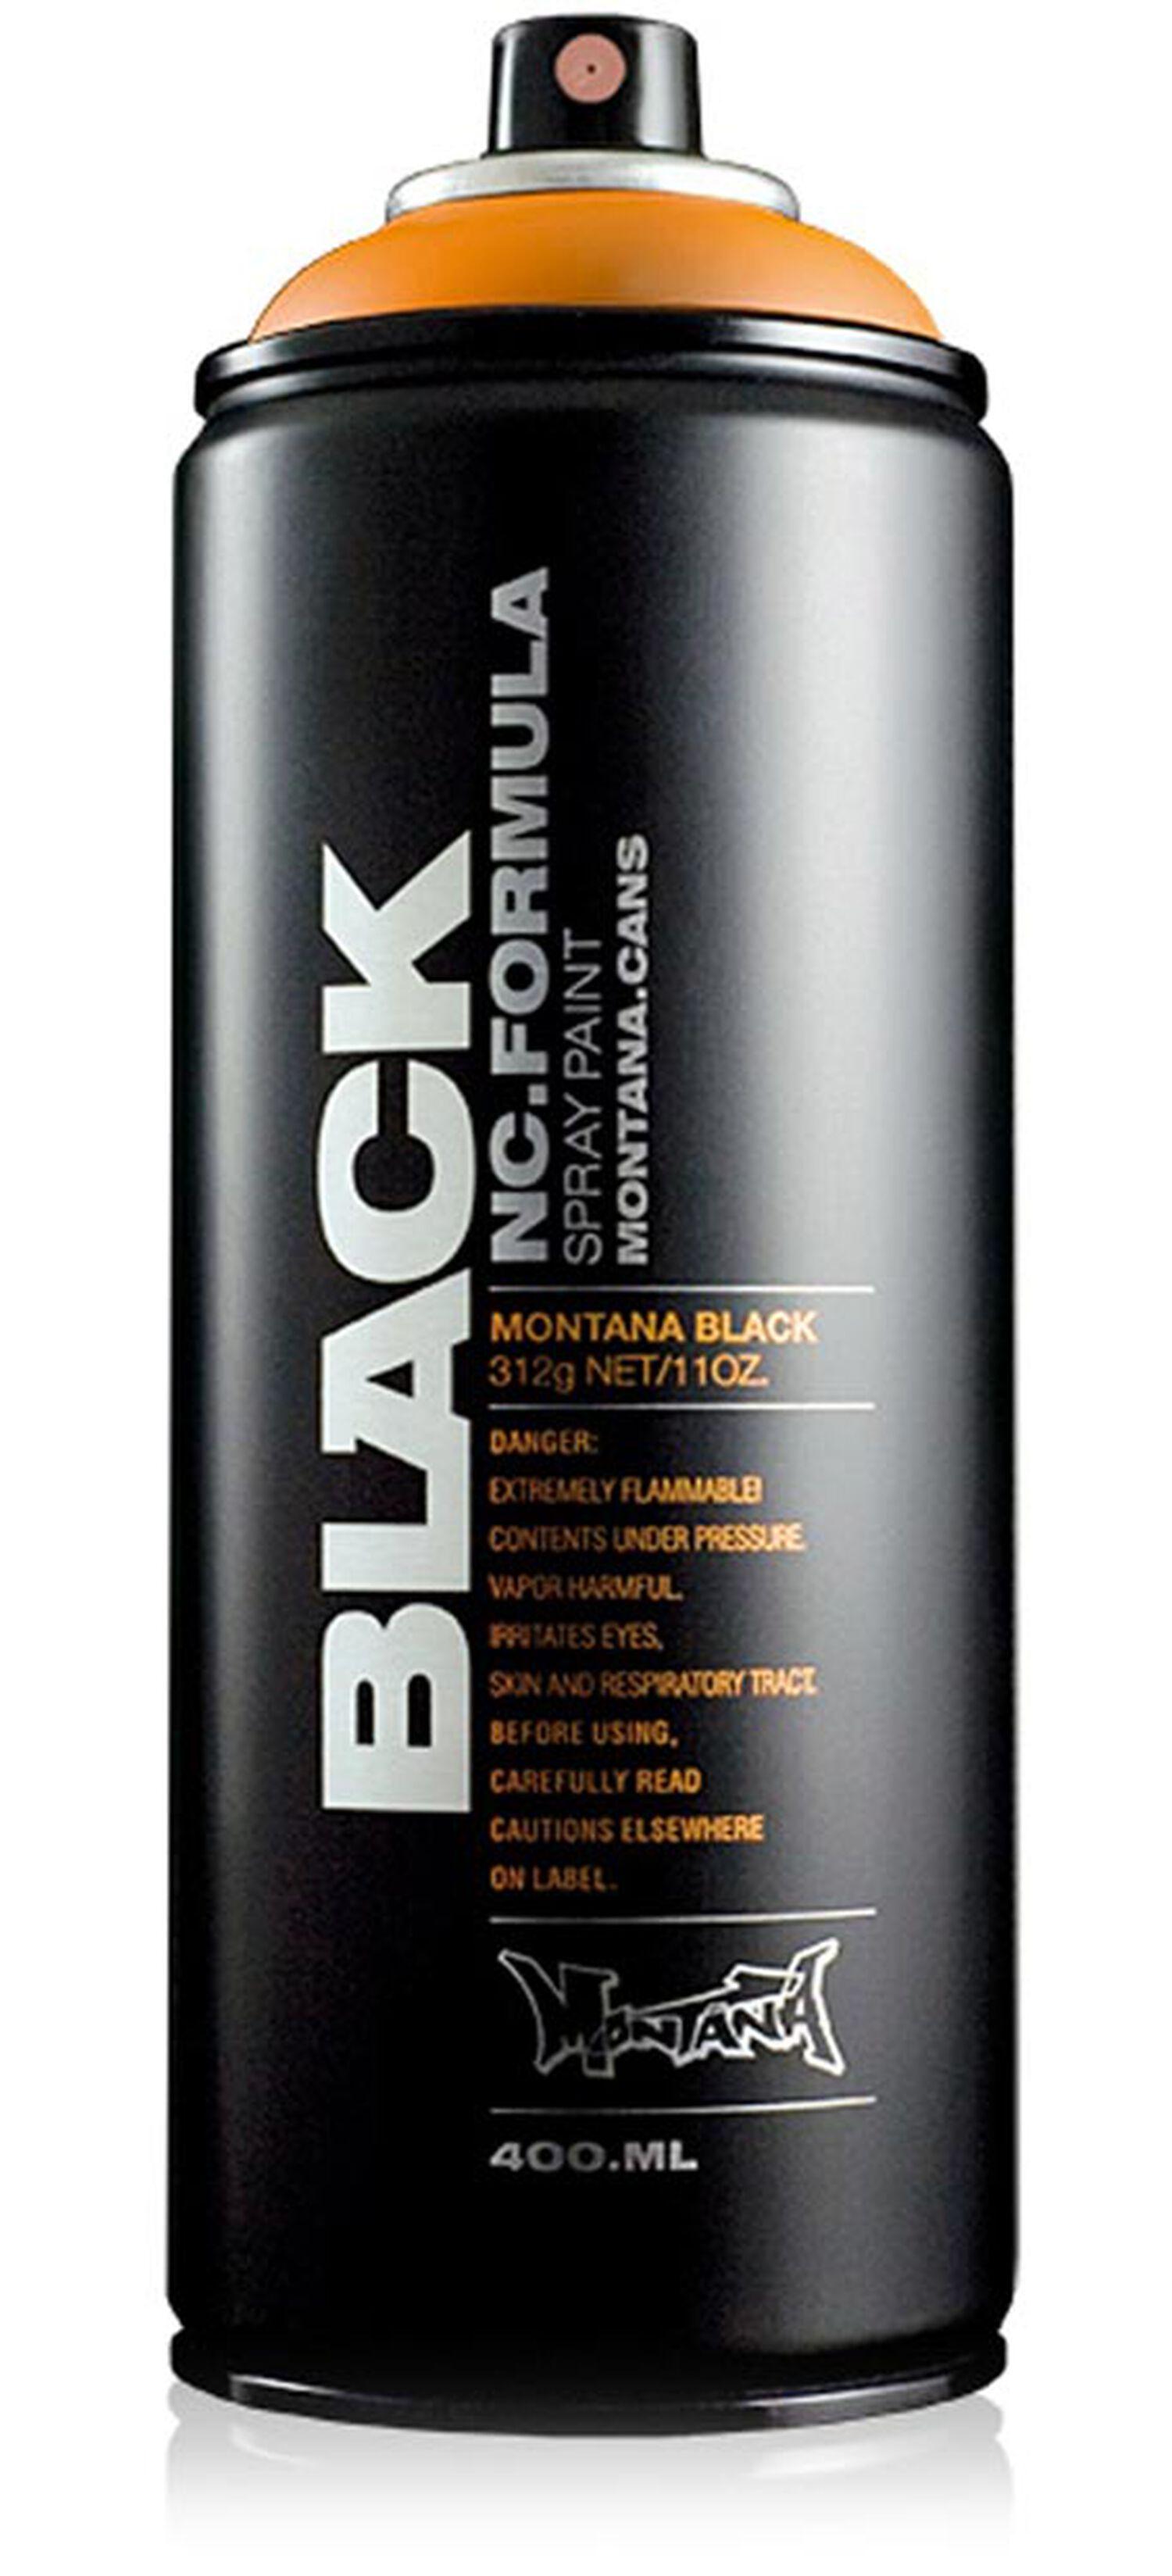 Black NC 400 ml